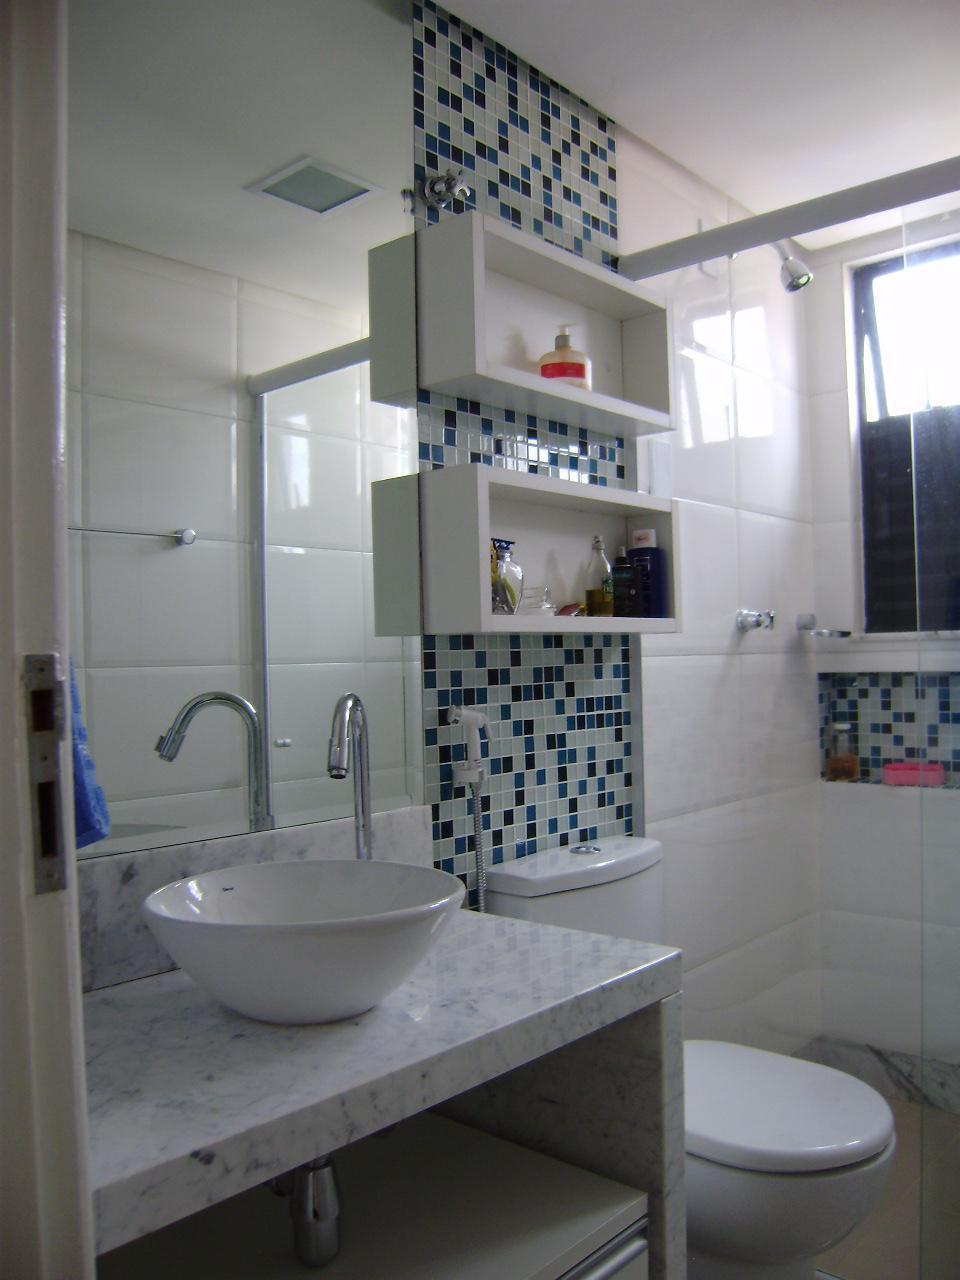 Decoração para banheiros pequenos com pastilhas  Decorando Casas -> Banheiros Modernos Decorados Com Pastilhas De Vidro